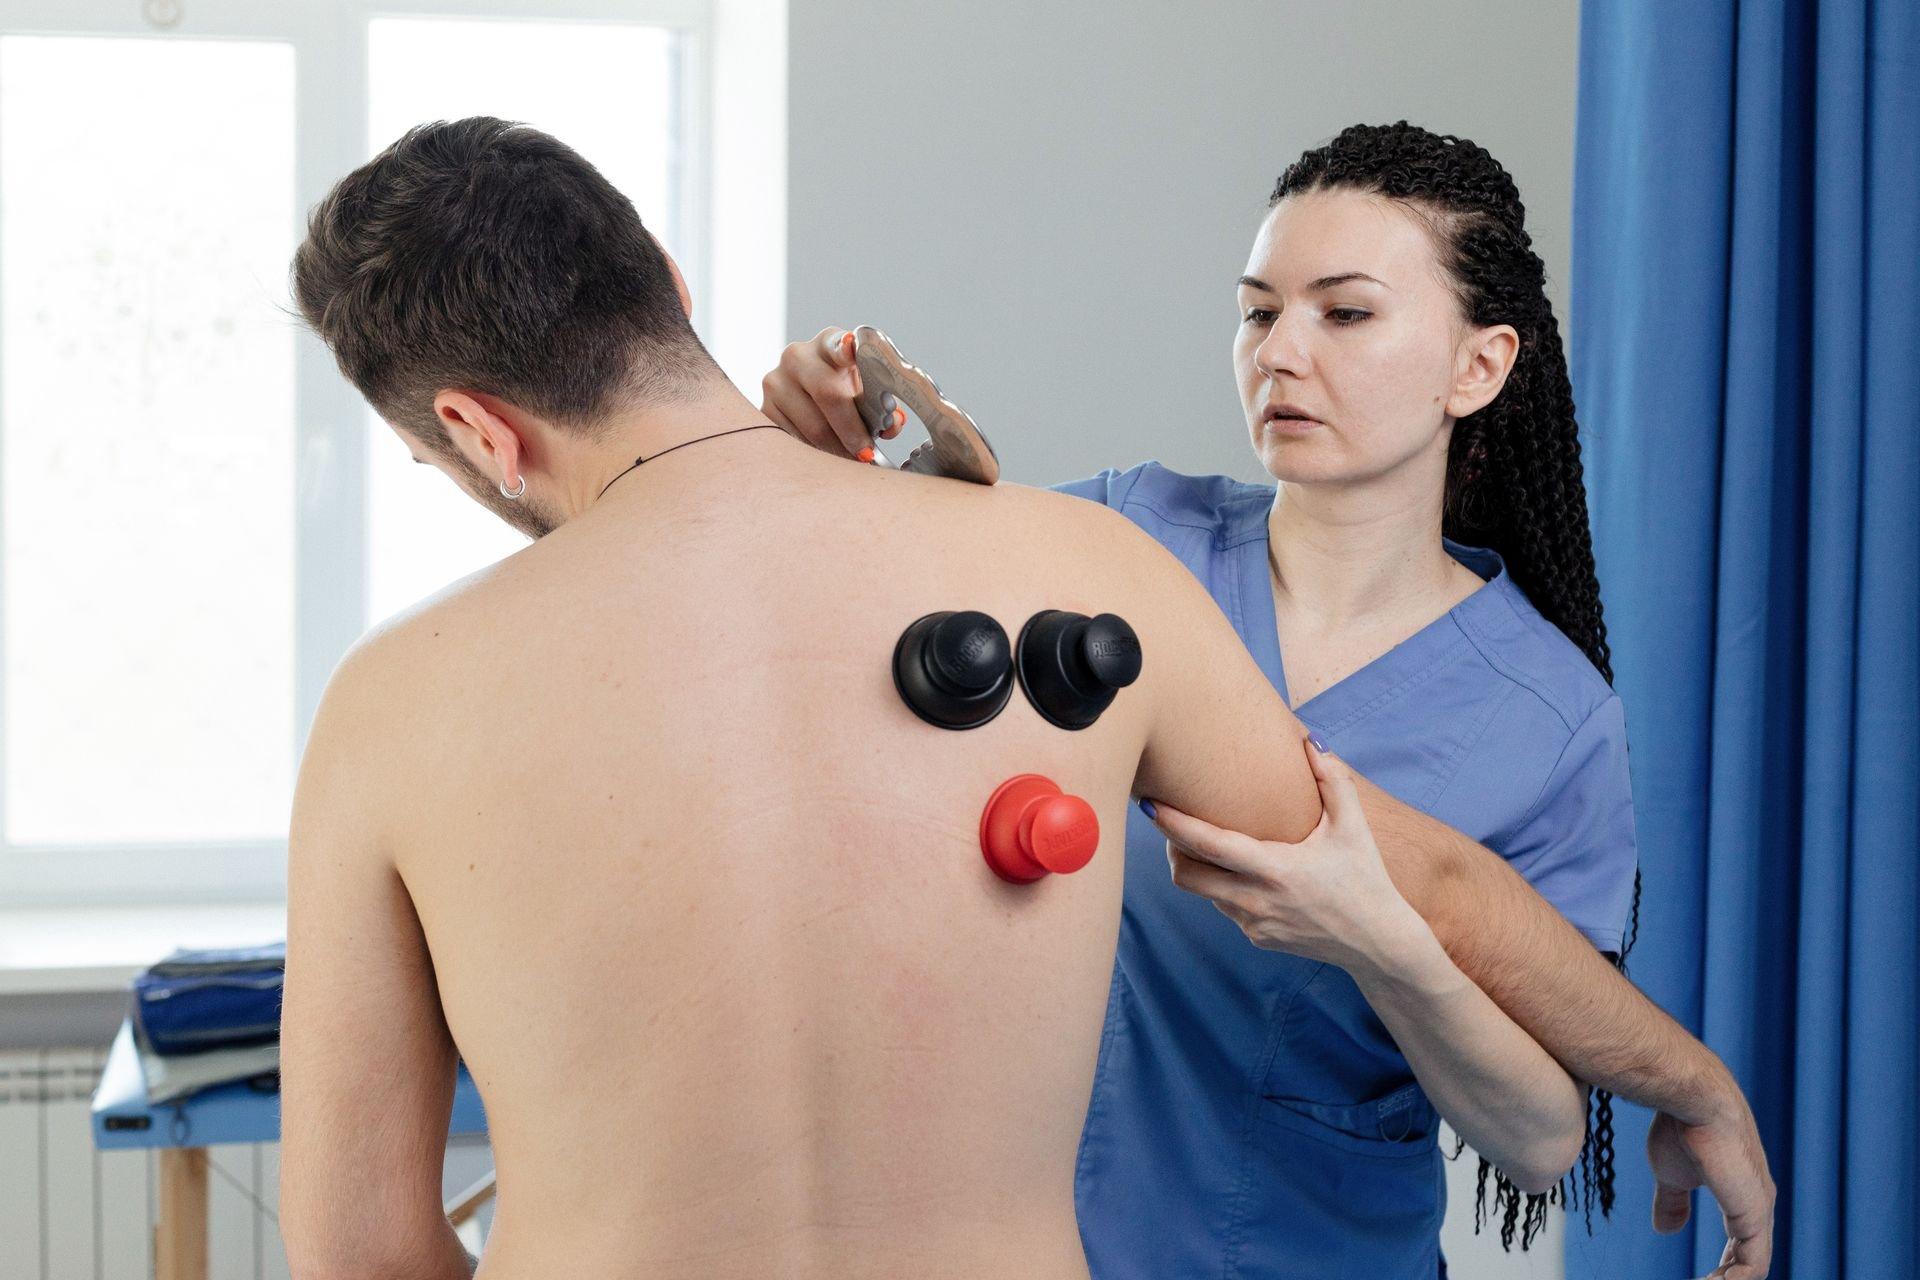 Мануальное мышечное и функциональное тестирование